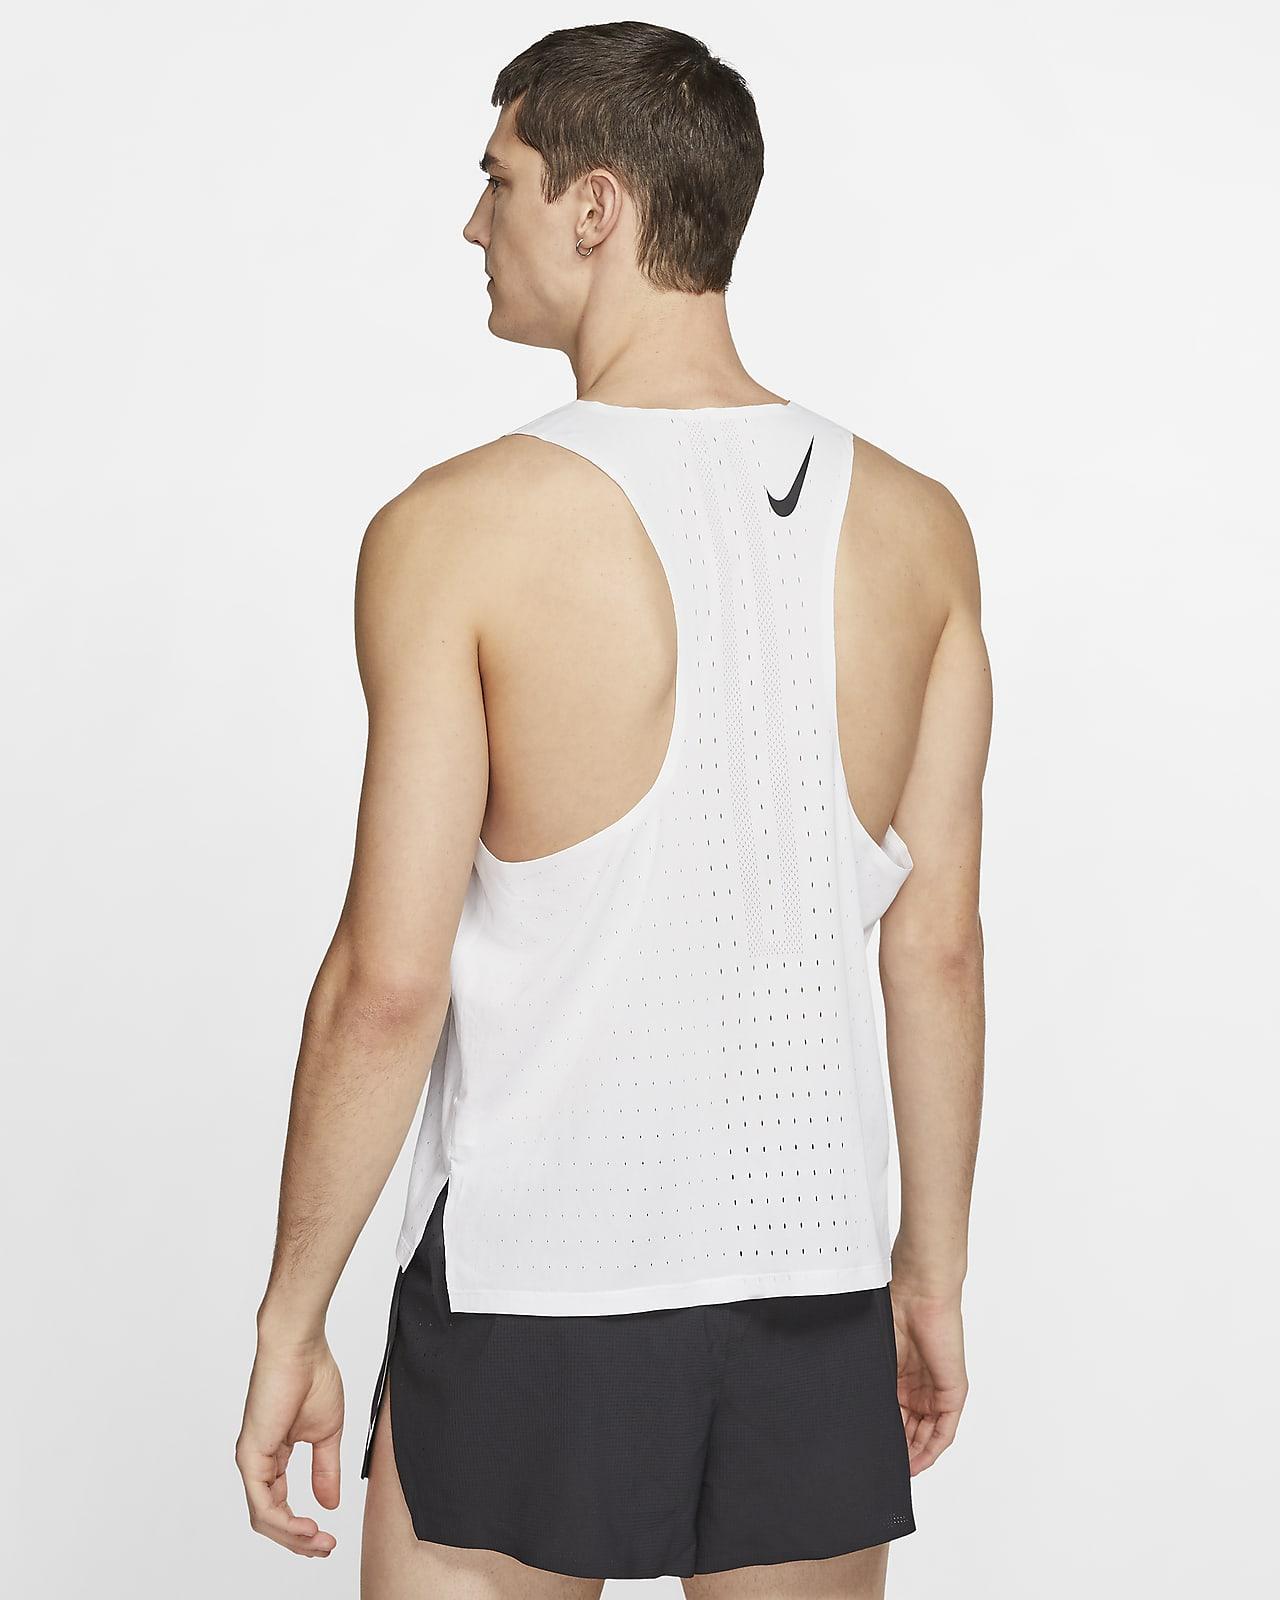 Nike Slimming Vest Kaalulanguse ribad